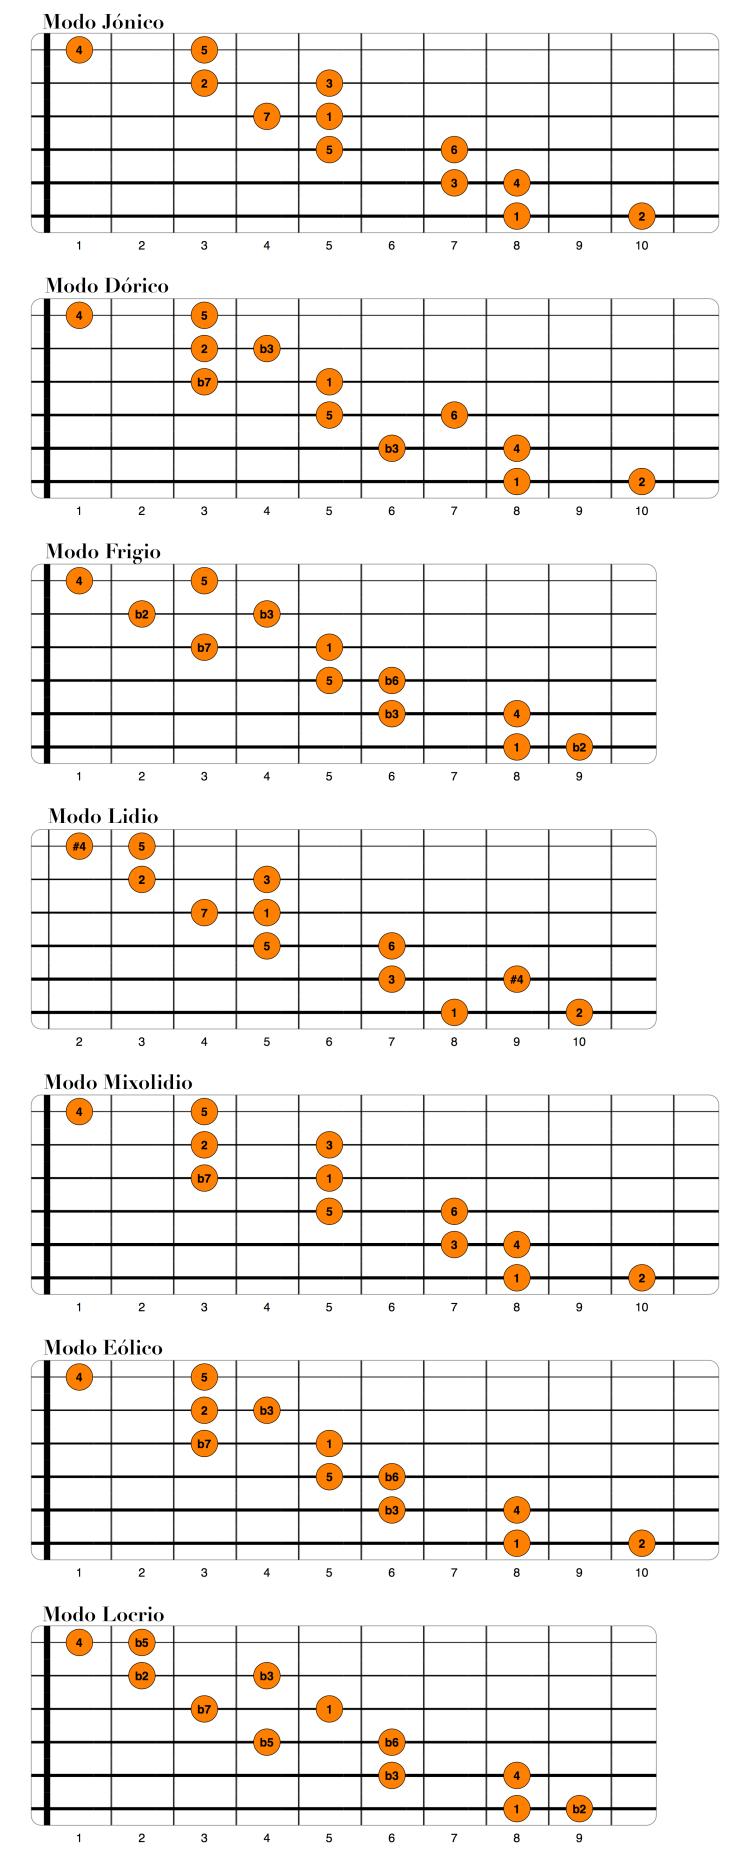 Modos diatónicos en dos notas por cuerda.png